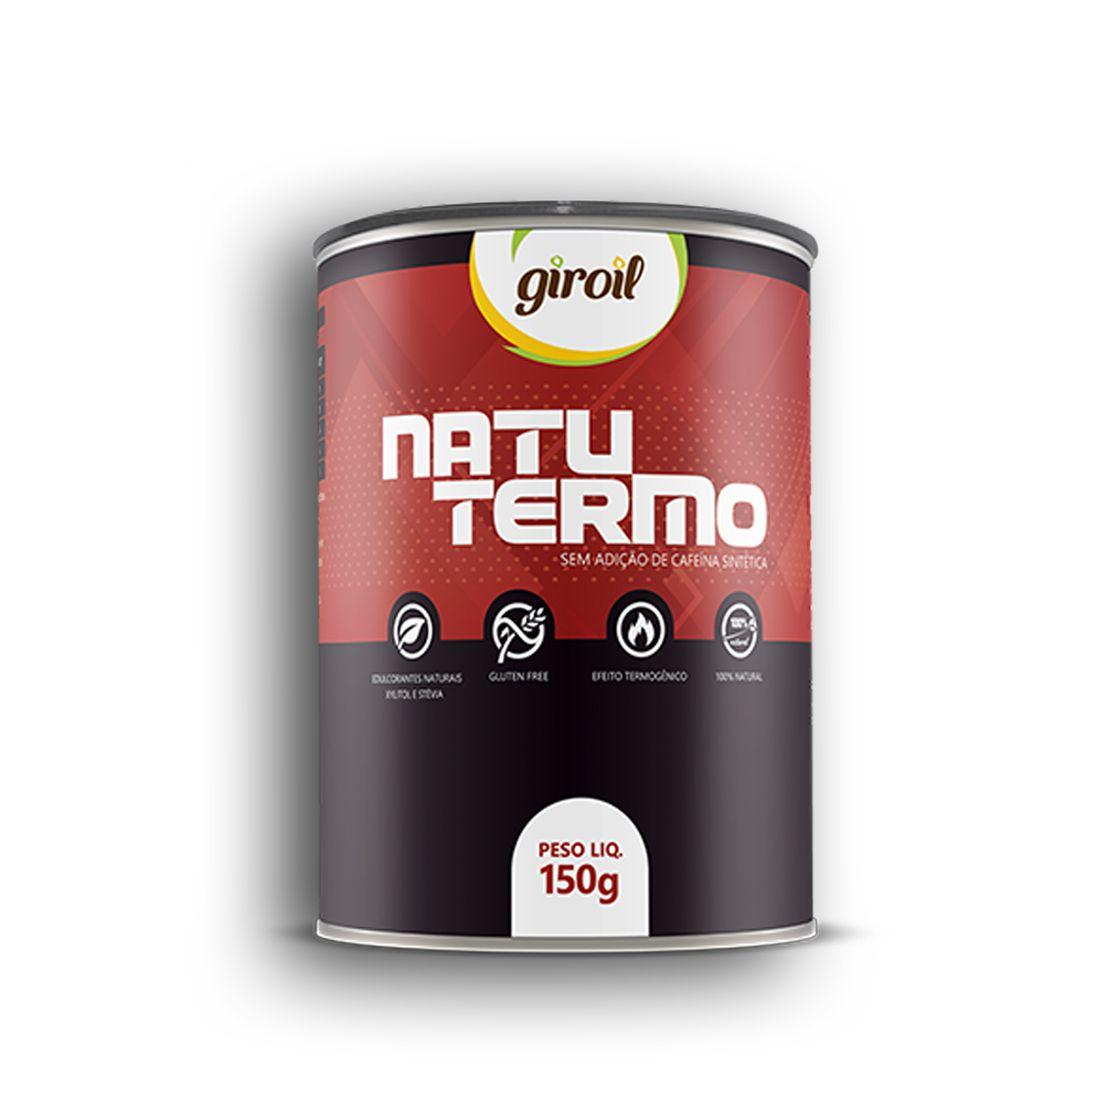 NatuTermo Termogenico 150g - Giroil